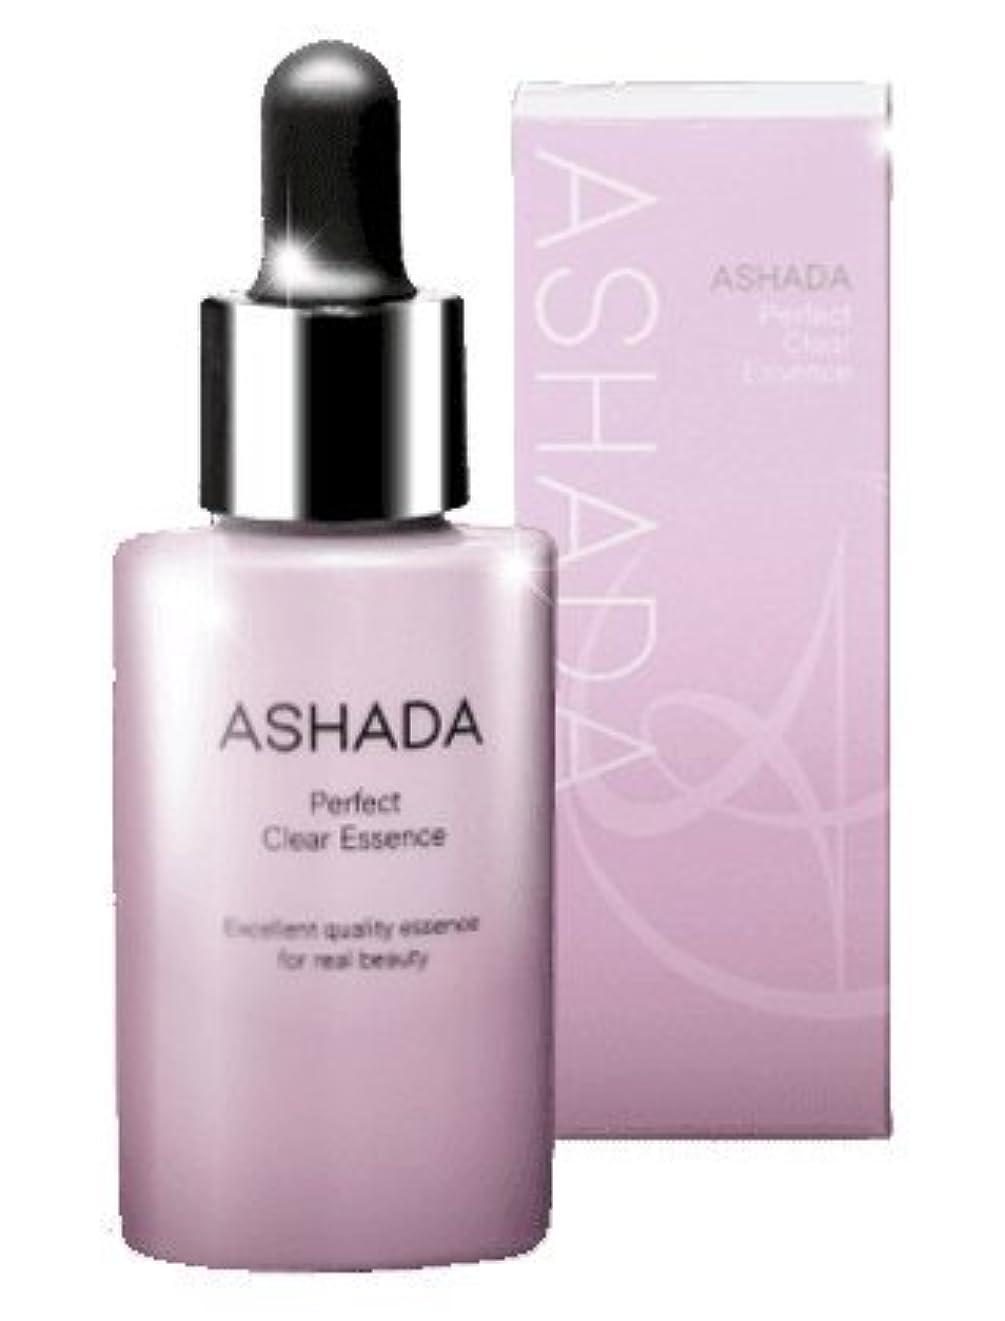 バラバラにする間違い実験ASHADA-アスハダ- パーフェクトクリアエッセンス (GDF-11 配合 幹細胞 コスメ)